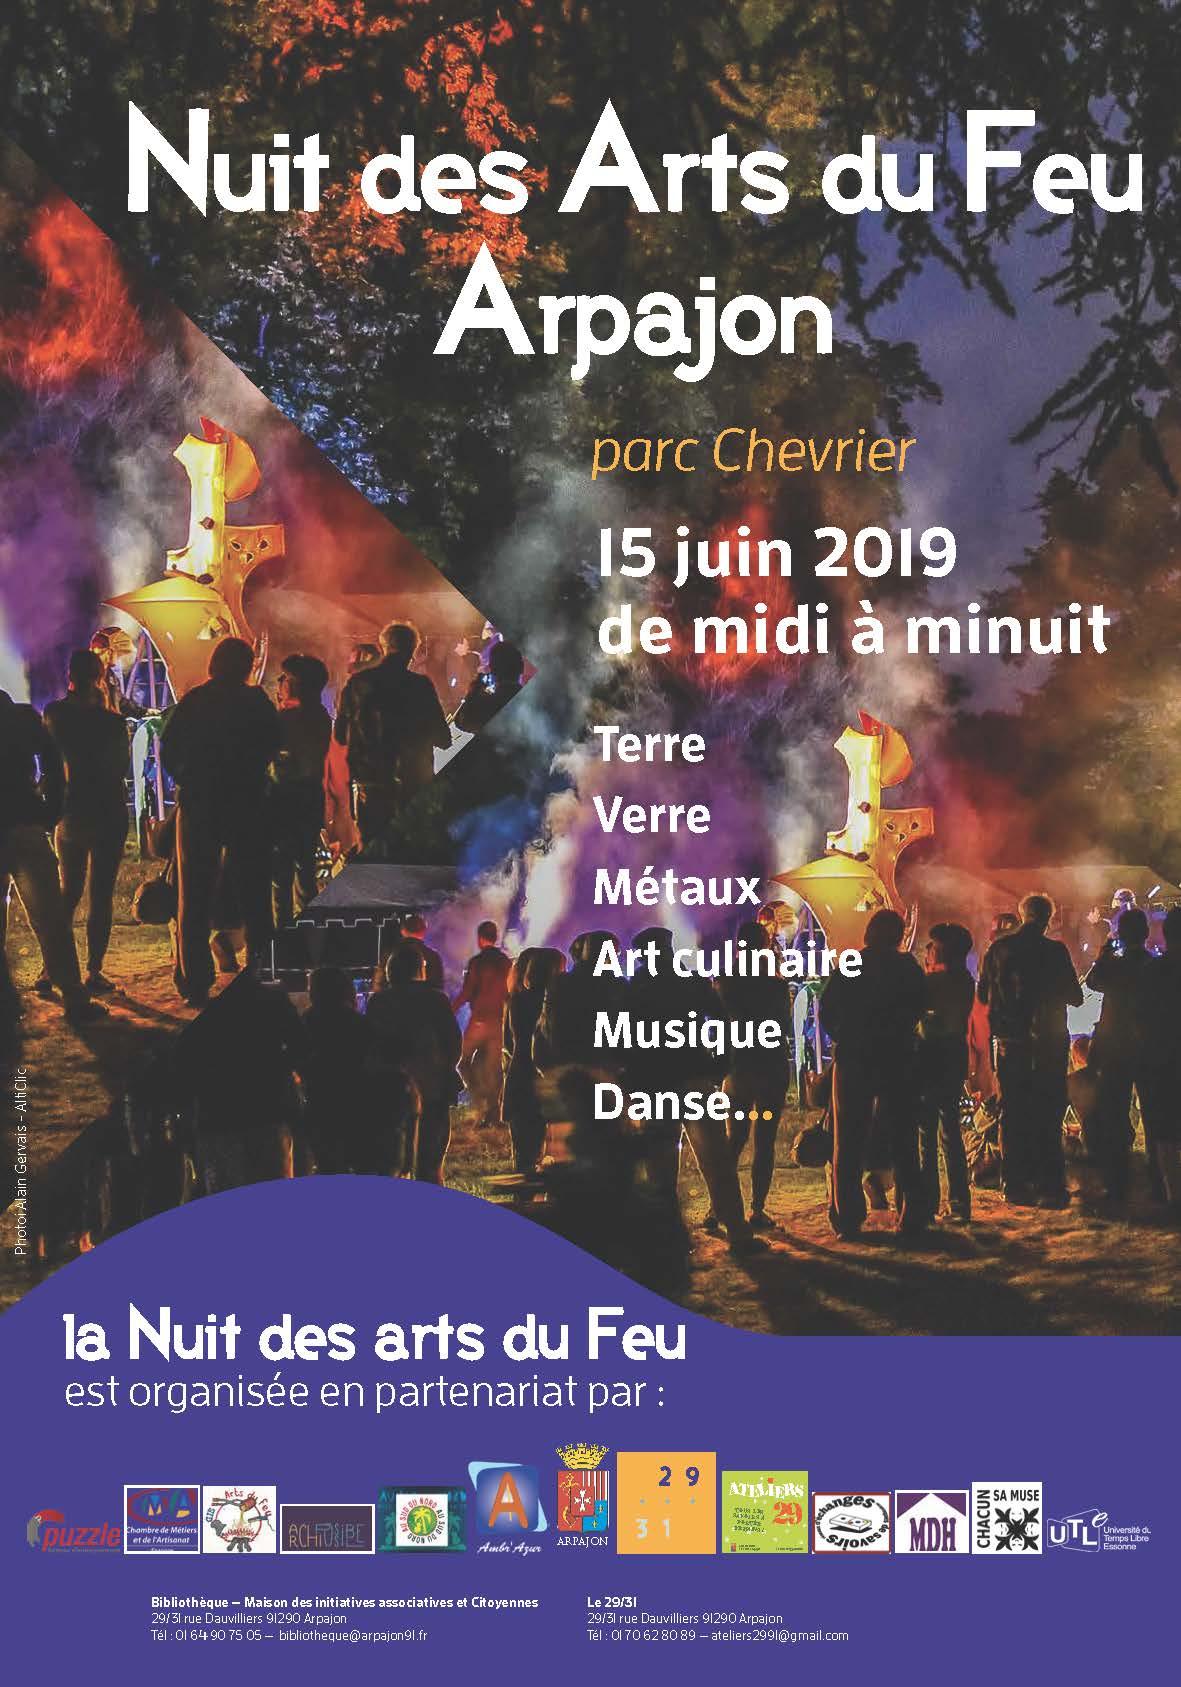 Nuit des Arts du Feu - Arpajon